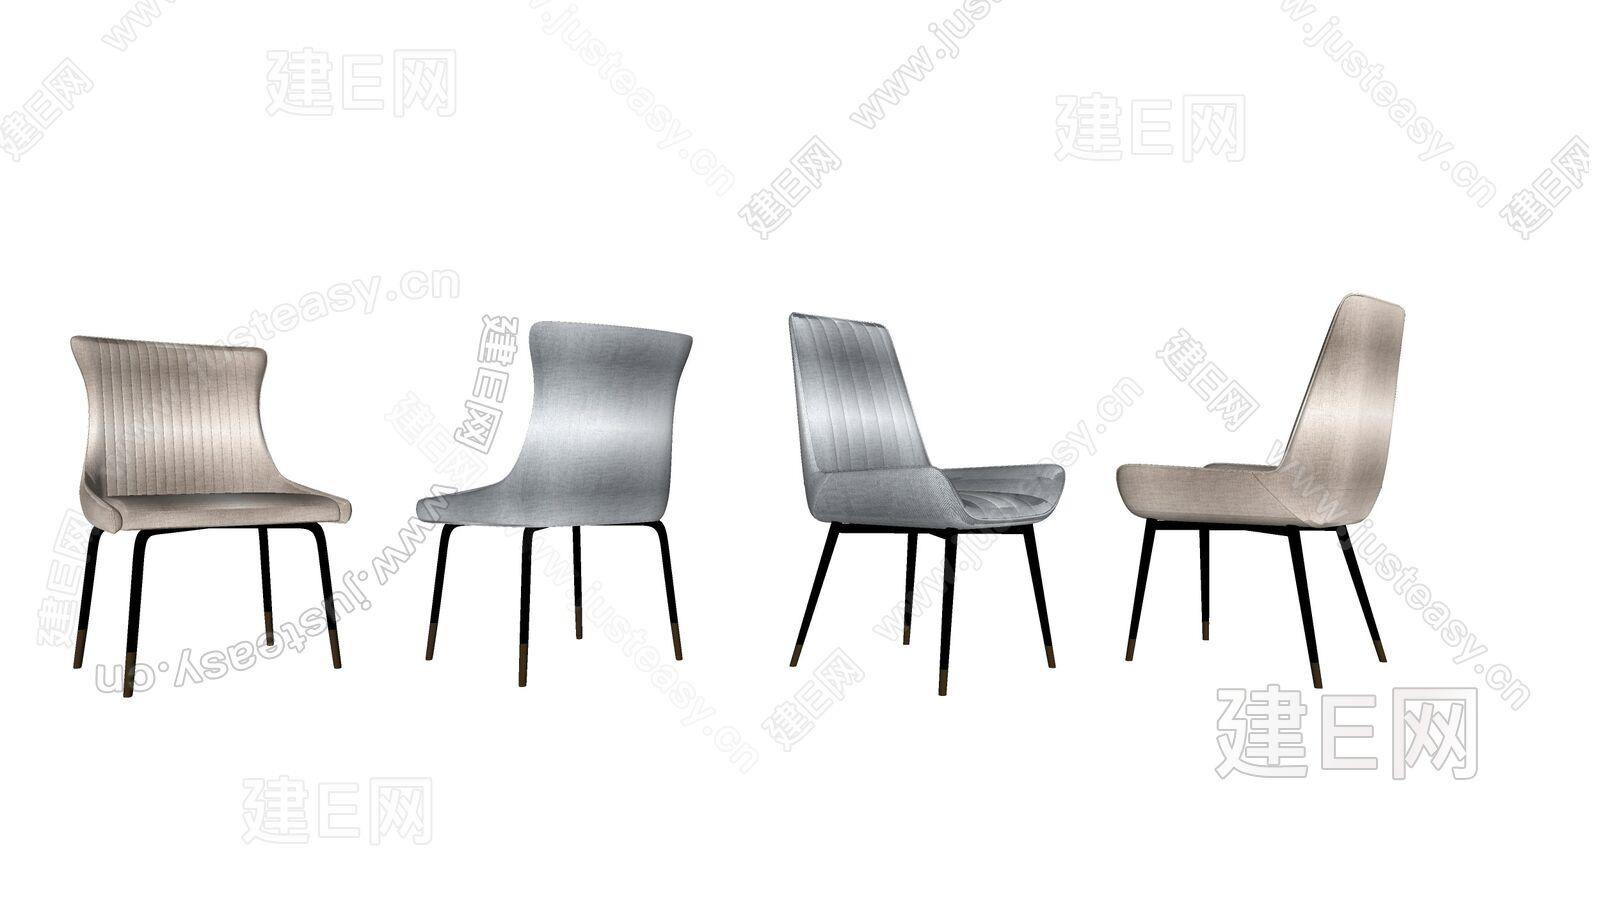 现代轻奢单椅组合sketchup模型